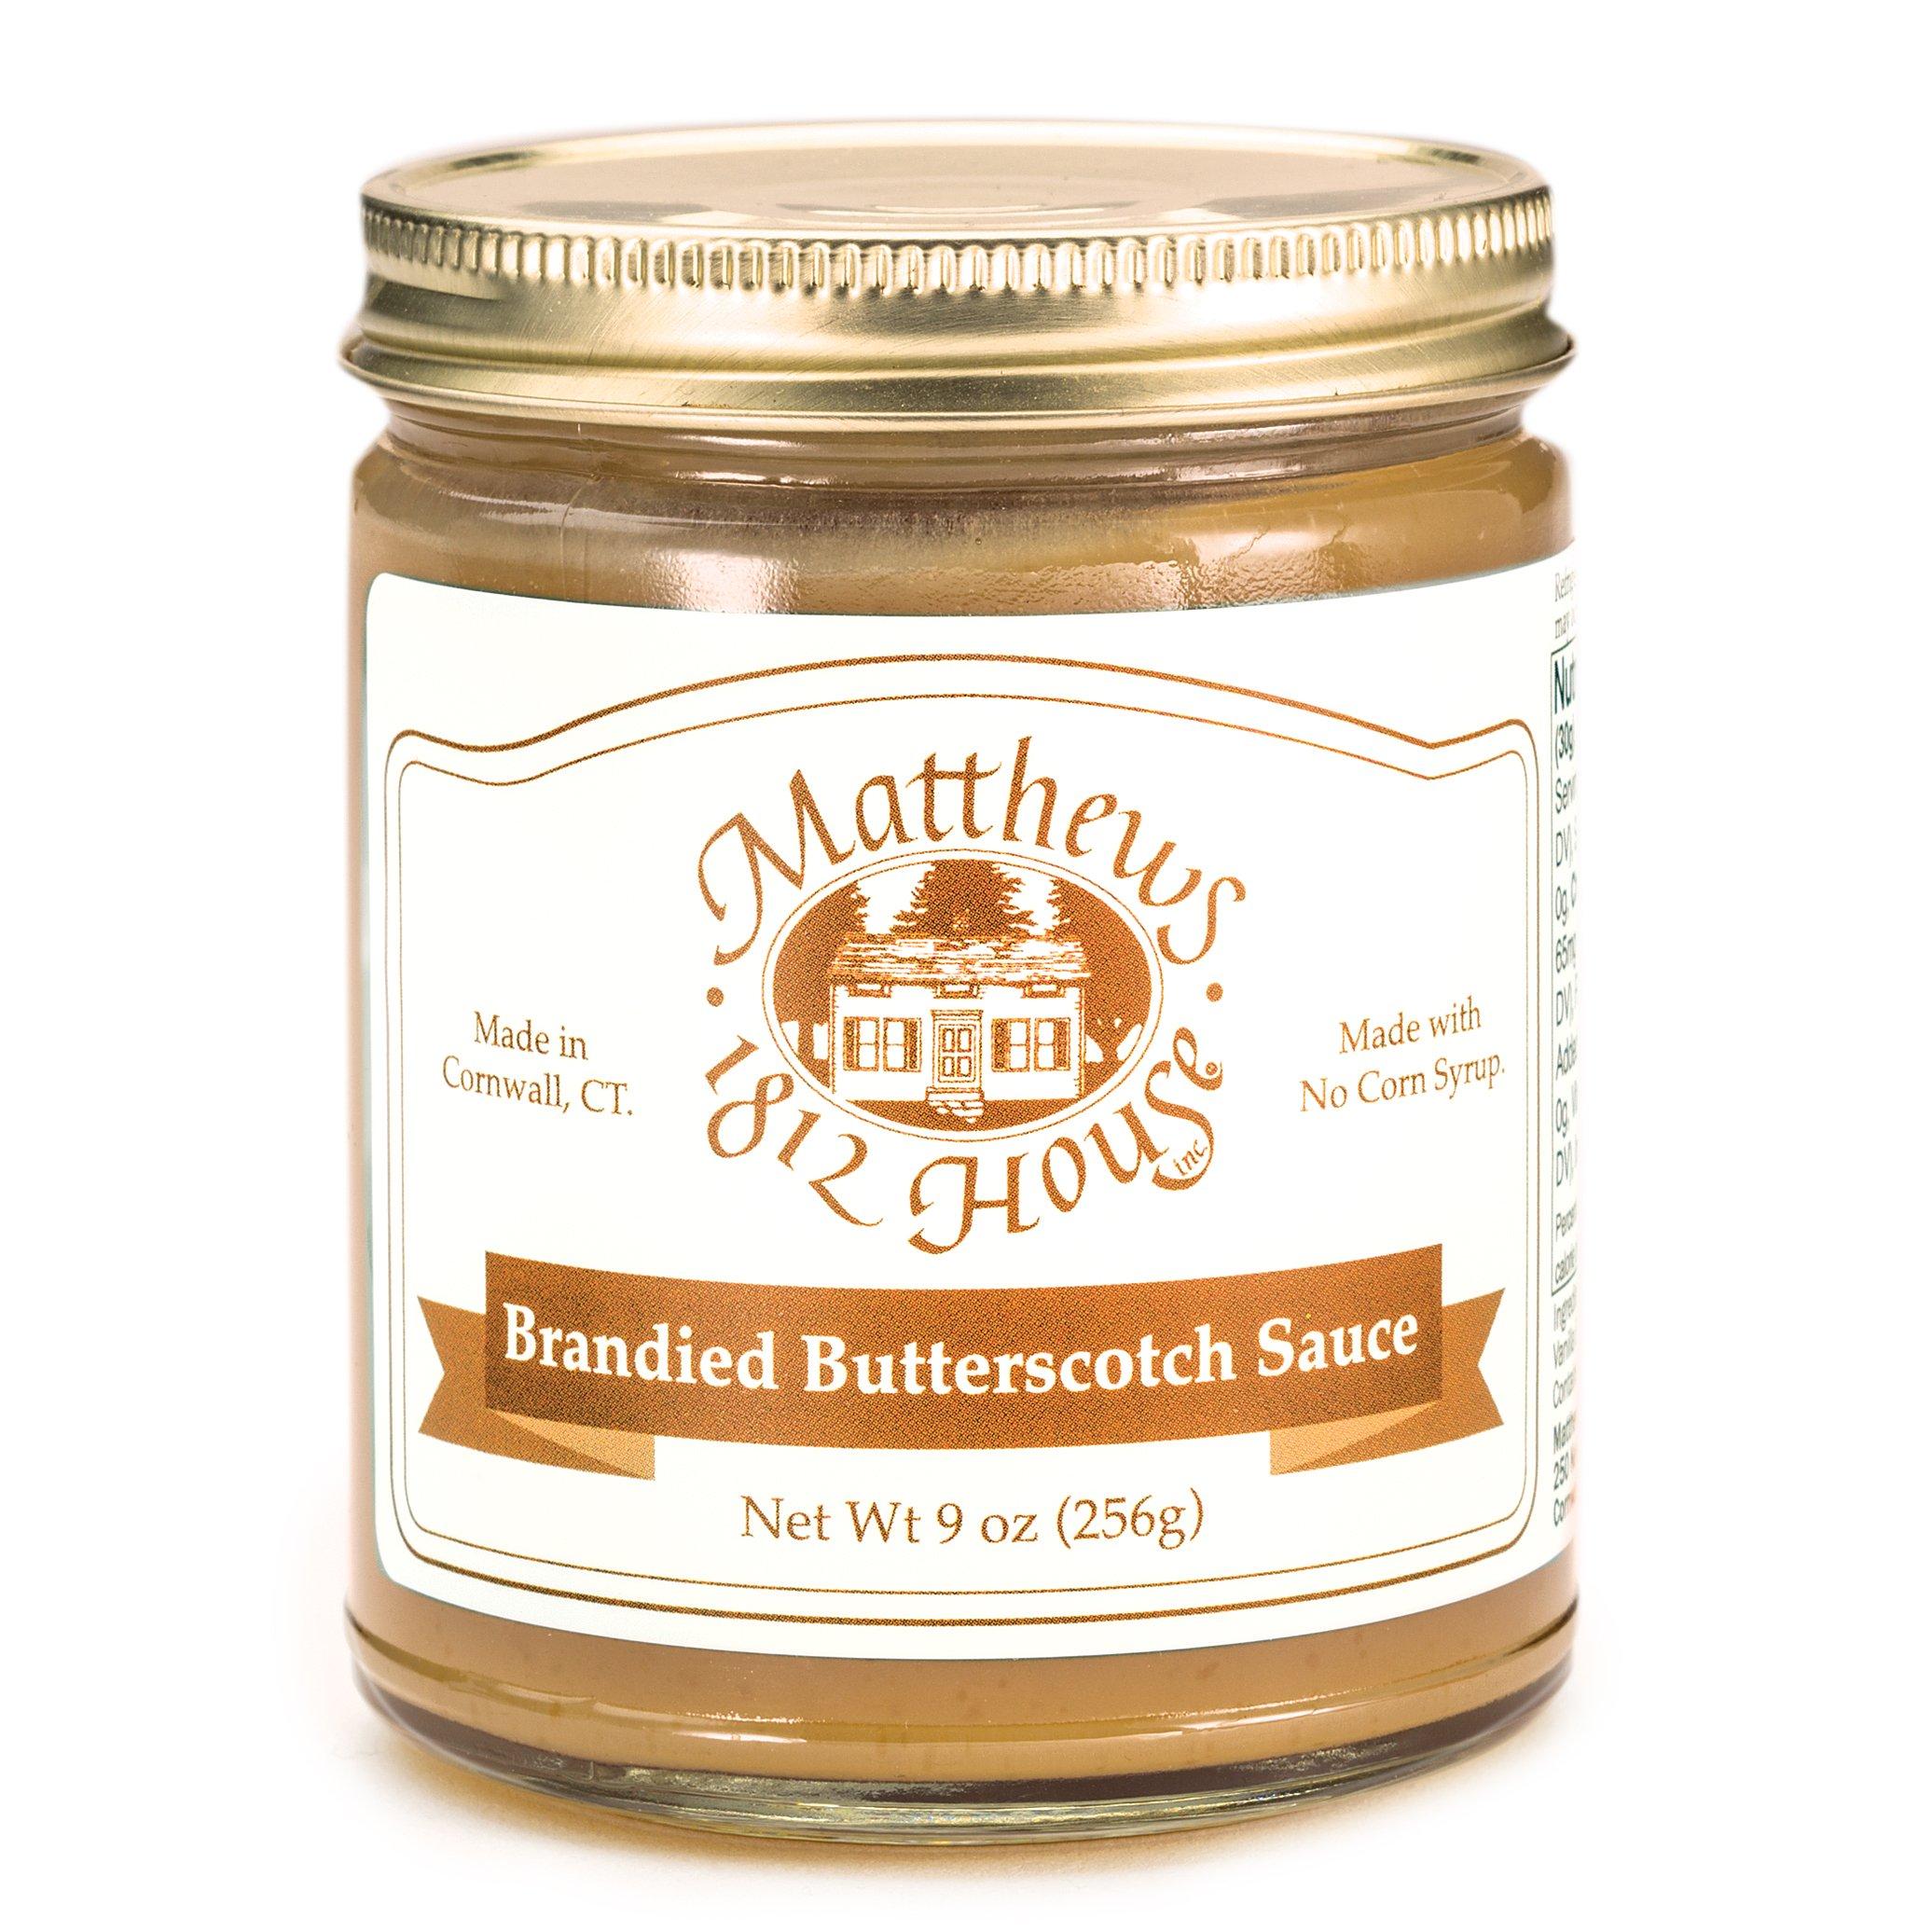 Matthews 1812 House Brandied Butterscotch Sauce 10 oz